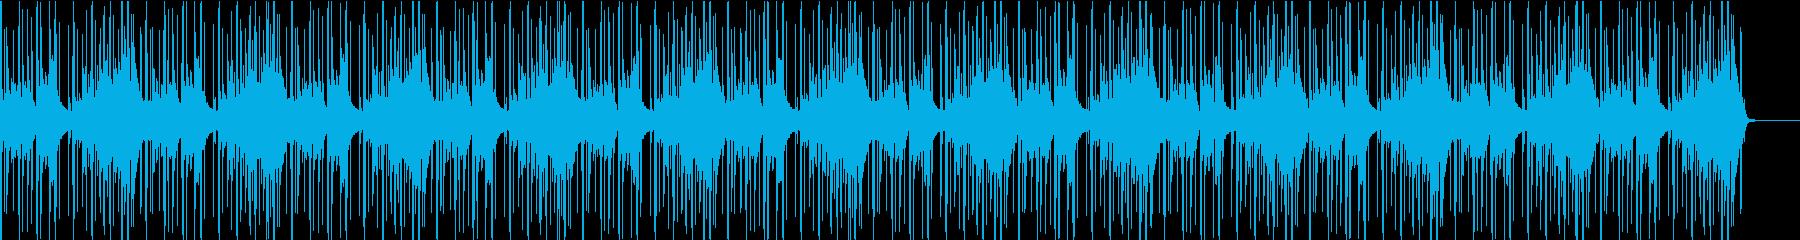 爽やかなメロディーですの再生済みの波形